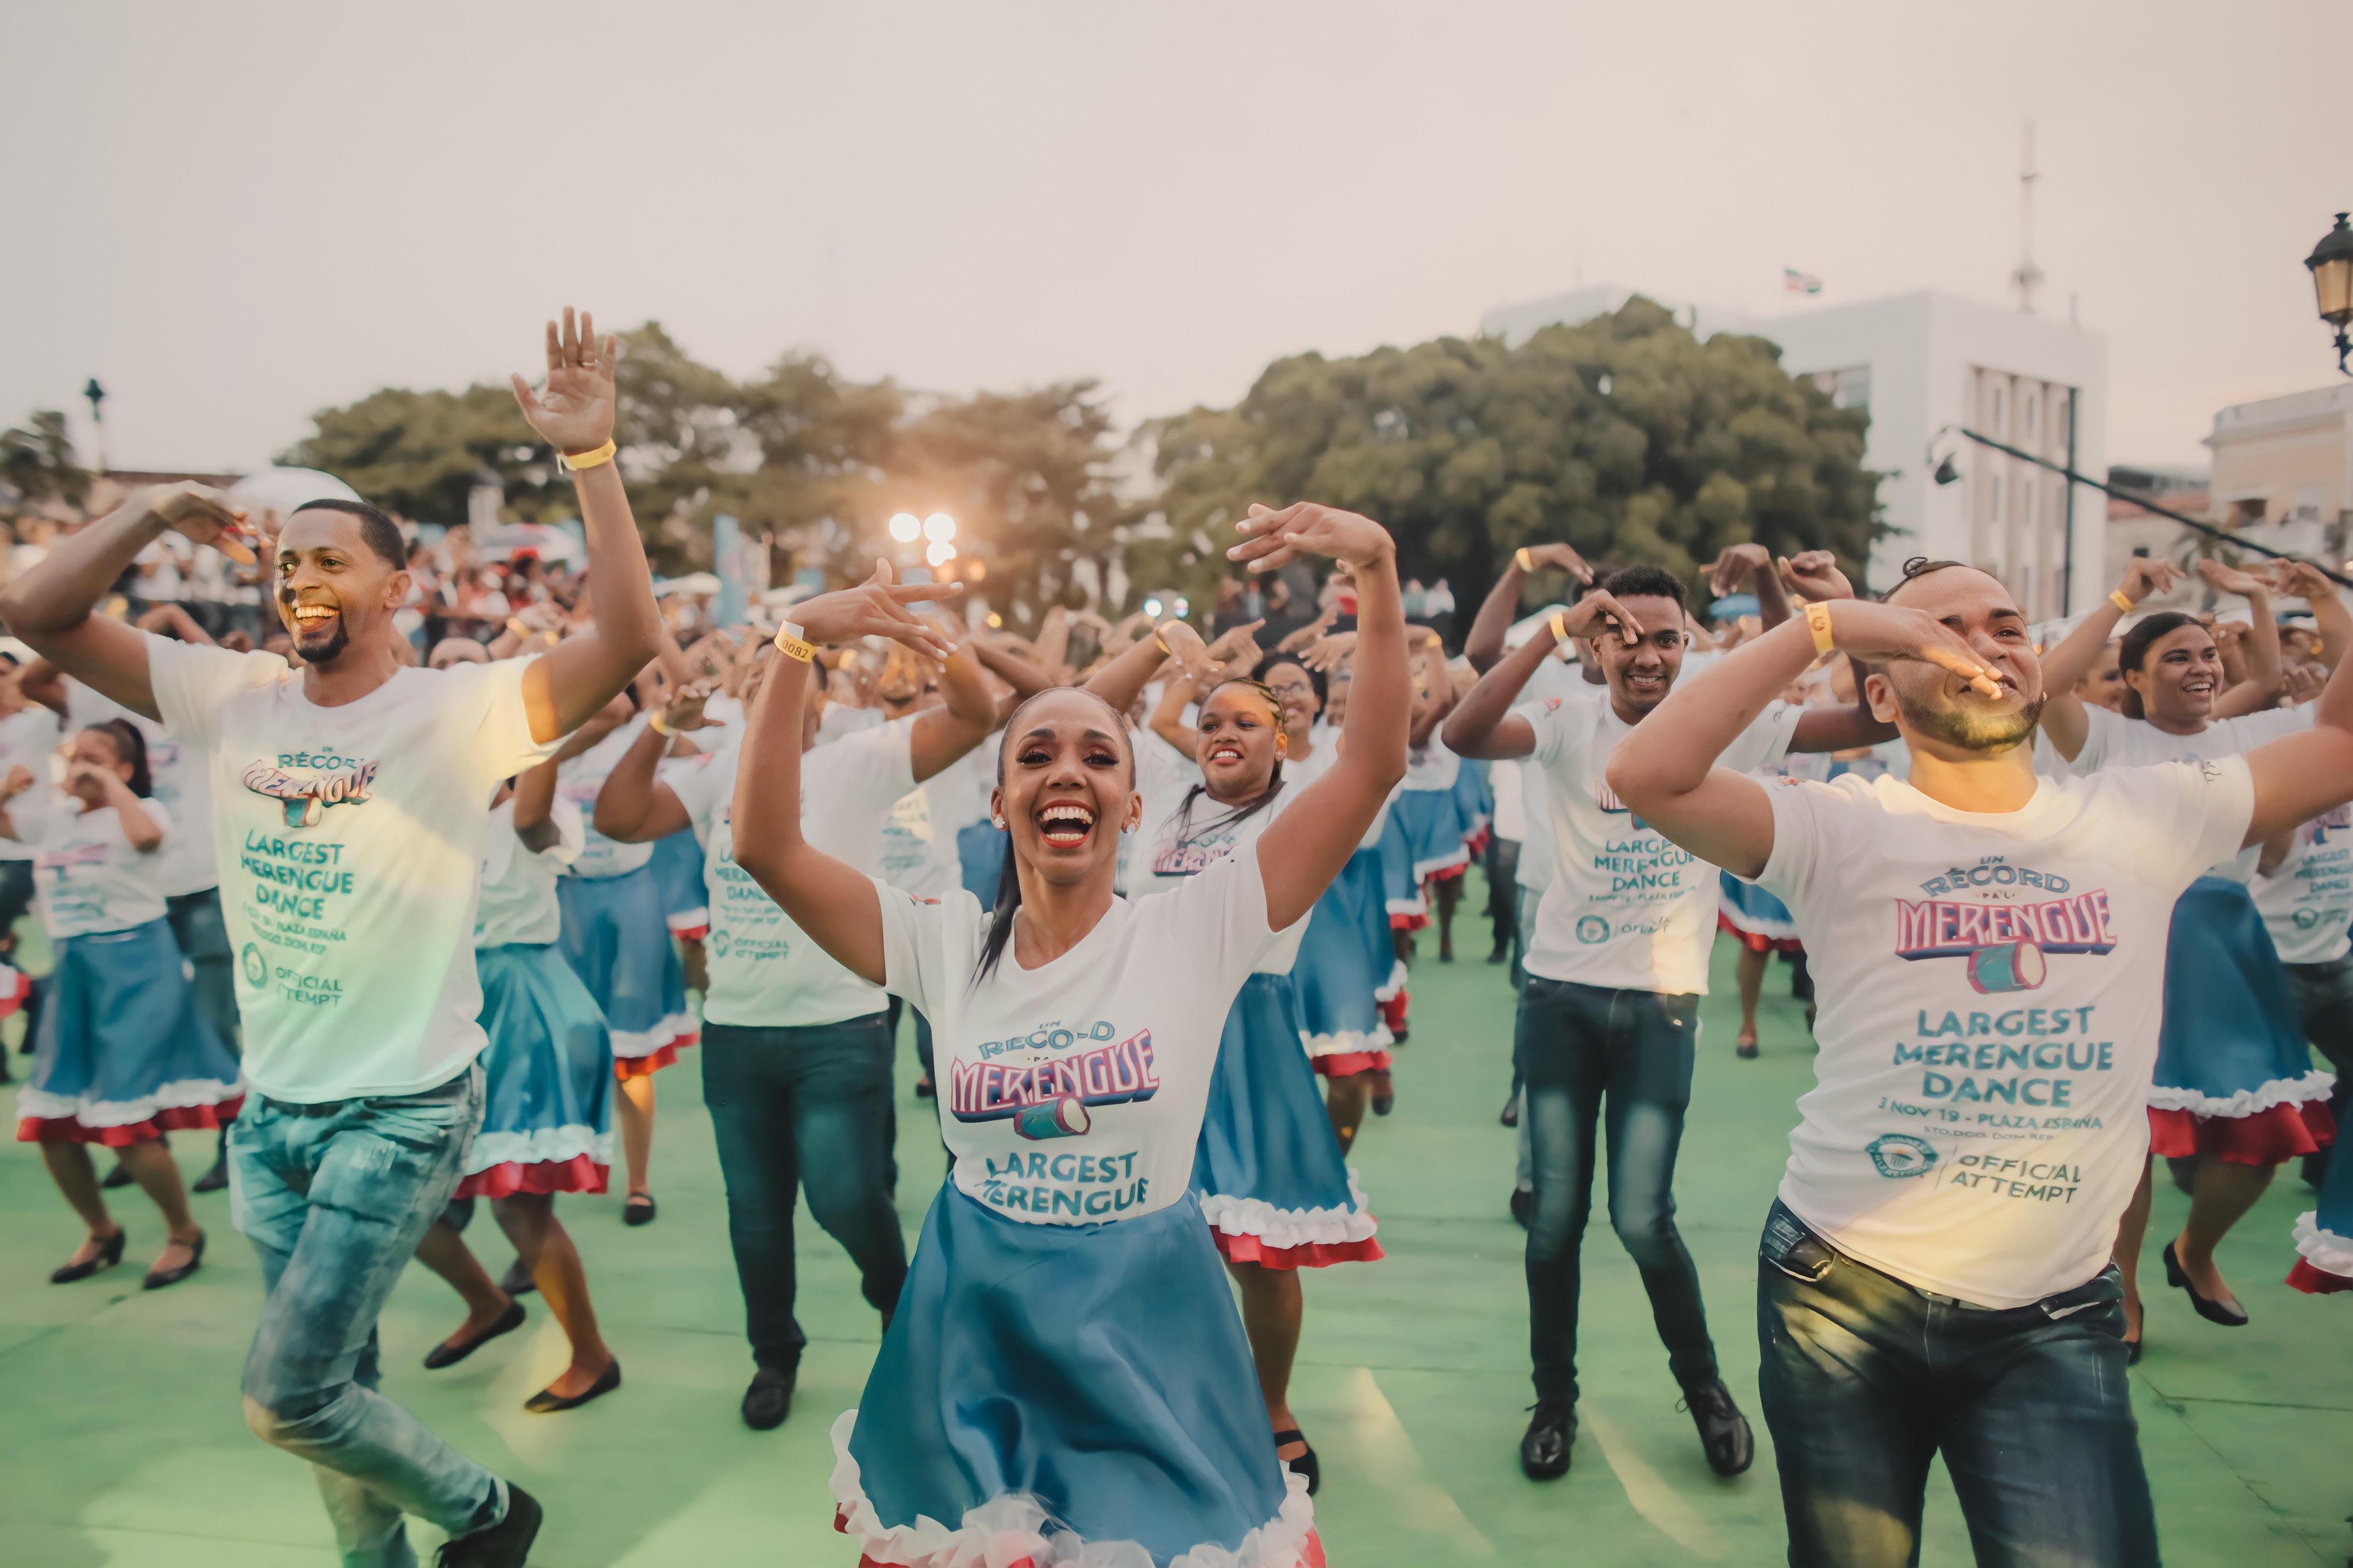 República Dominicana celebra un año de obtener récord para el merengue con una excelente noticia